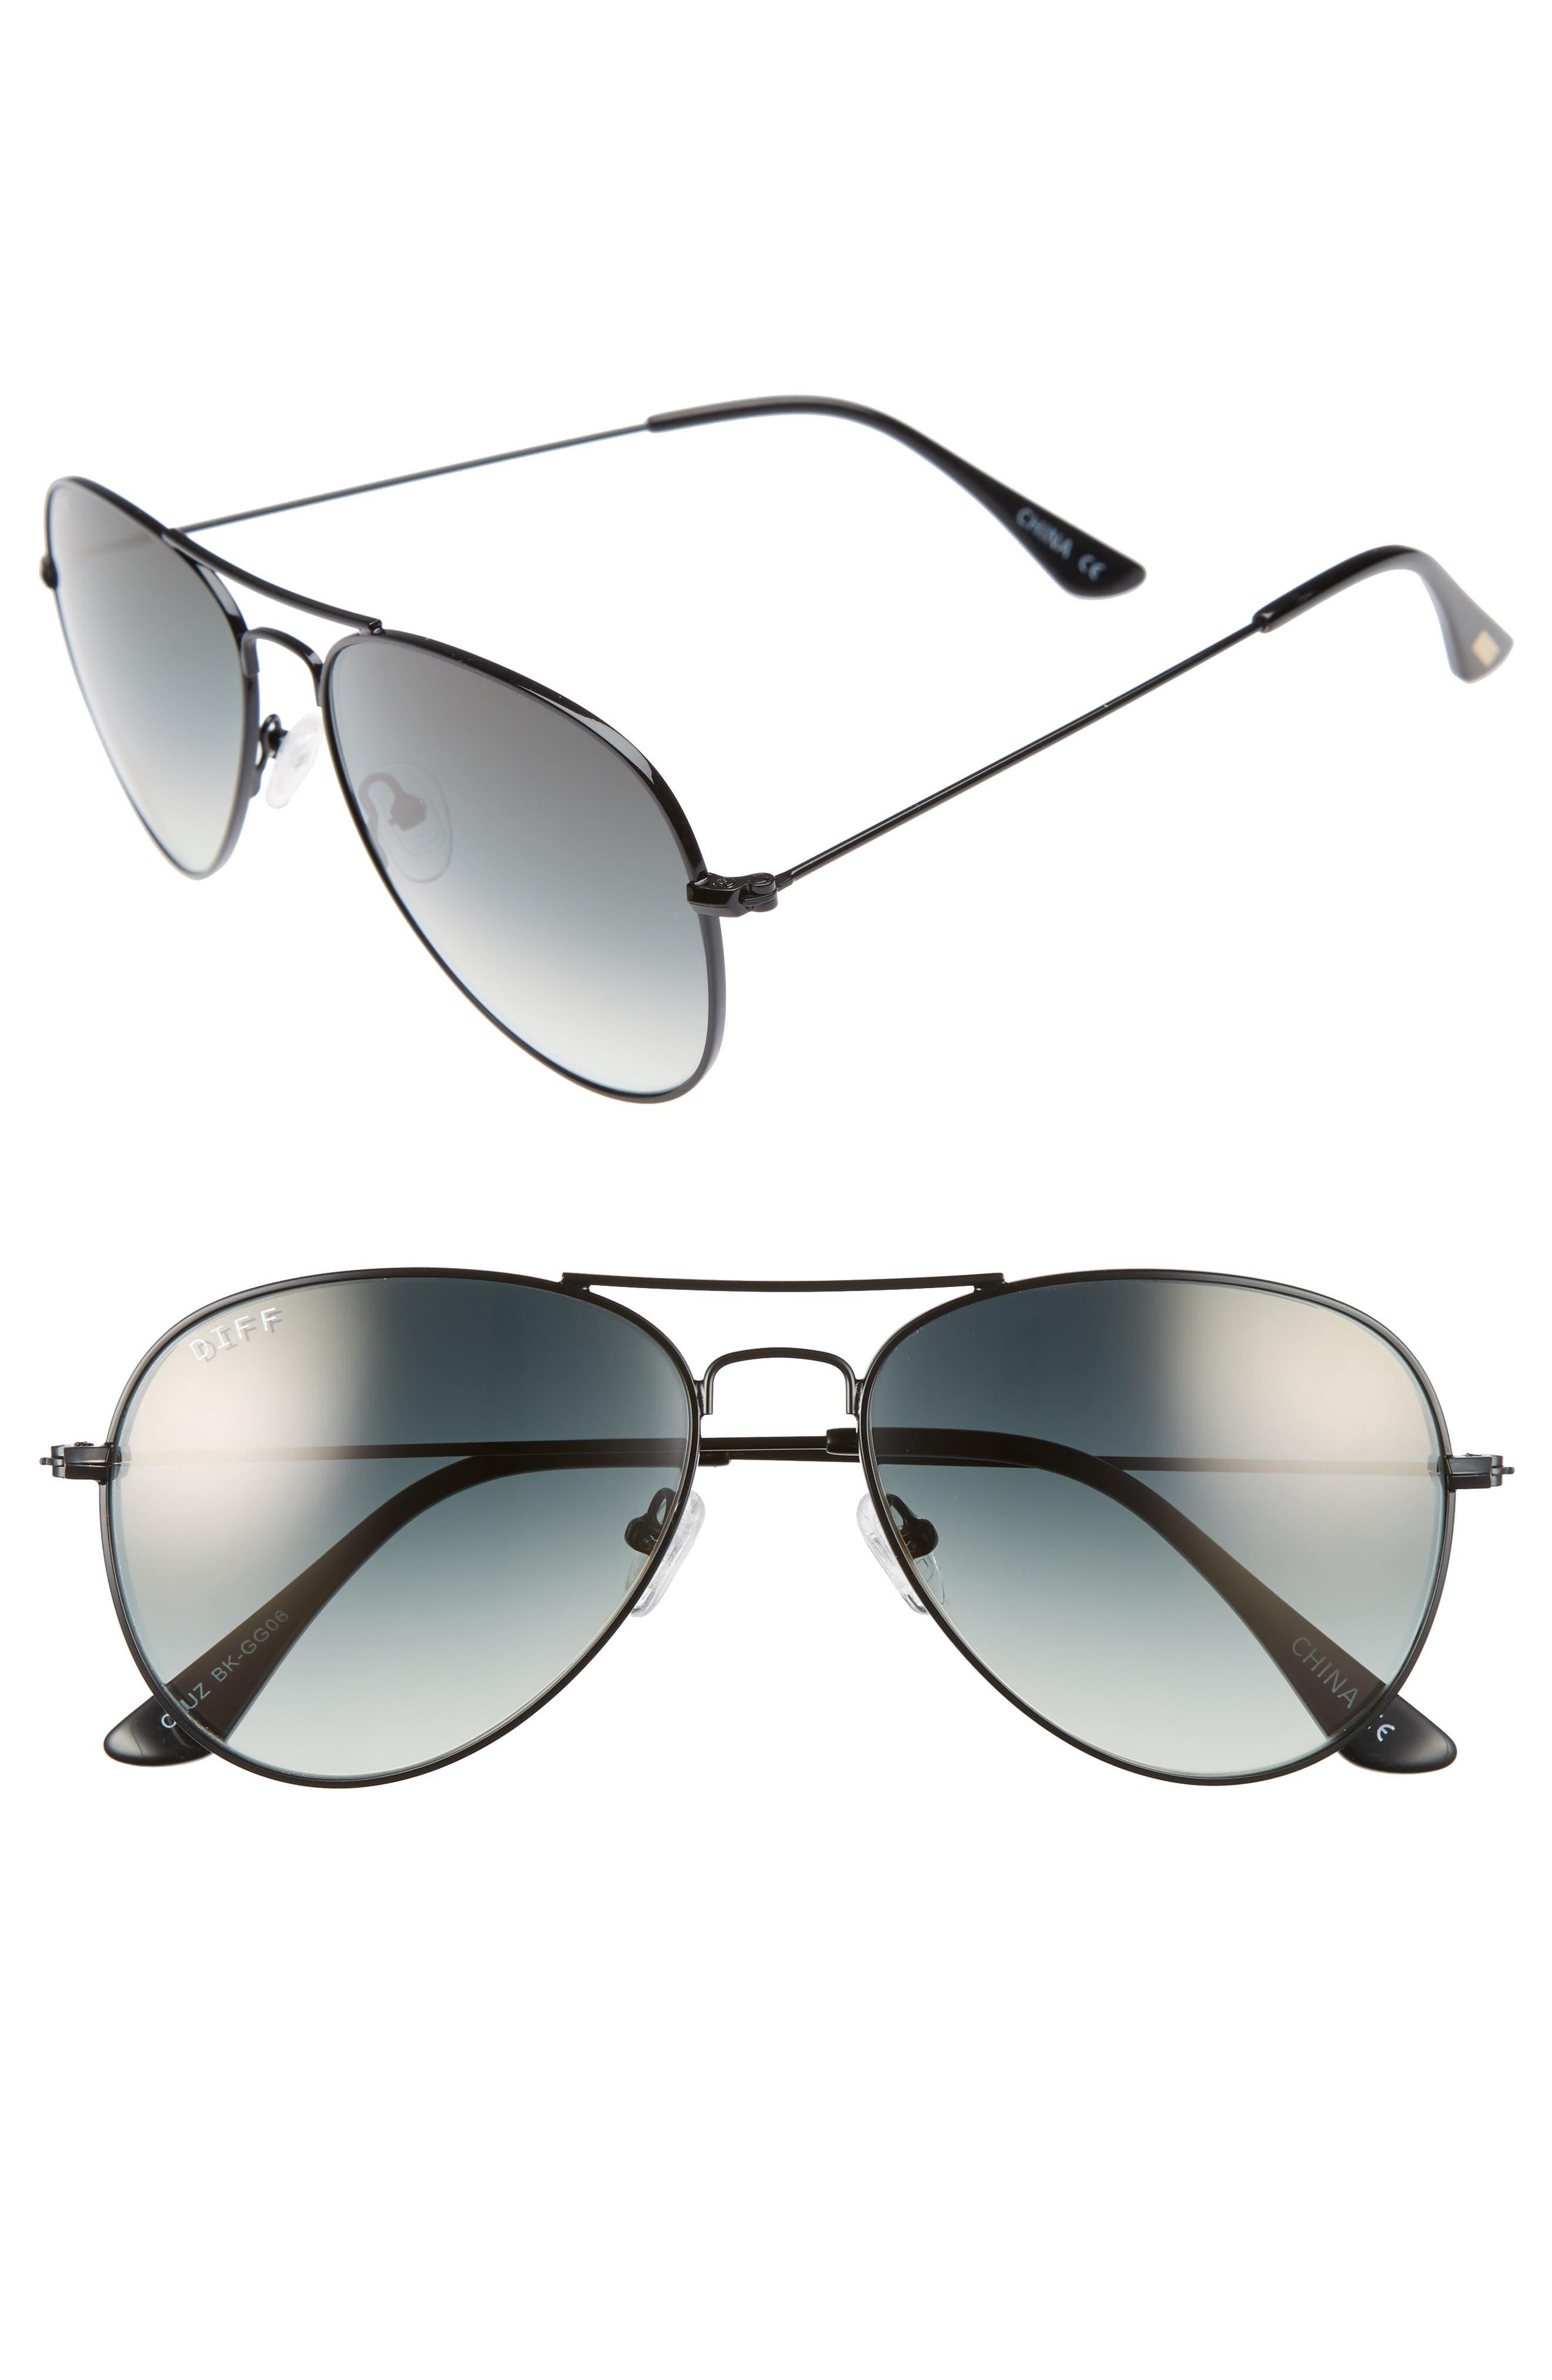 Cruz 57mm Metal Aviator Sunglasses,                             Main thumbnail 1, color,                             BLACK/ GREY